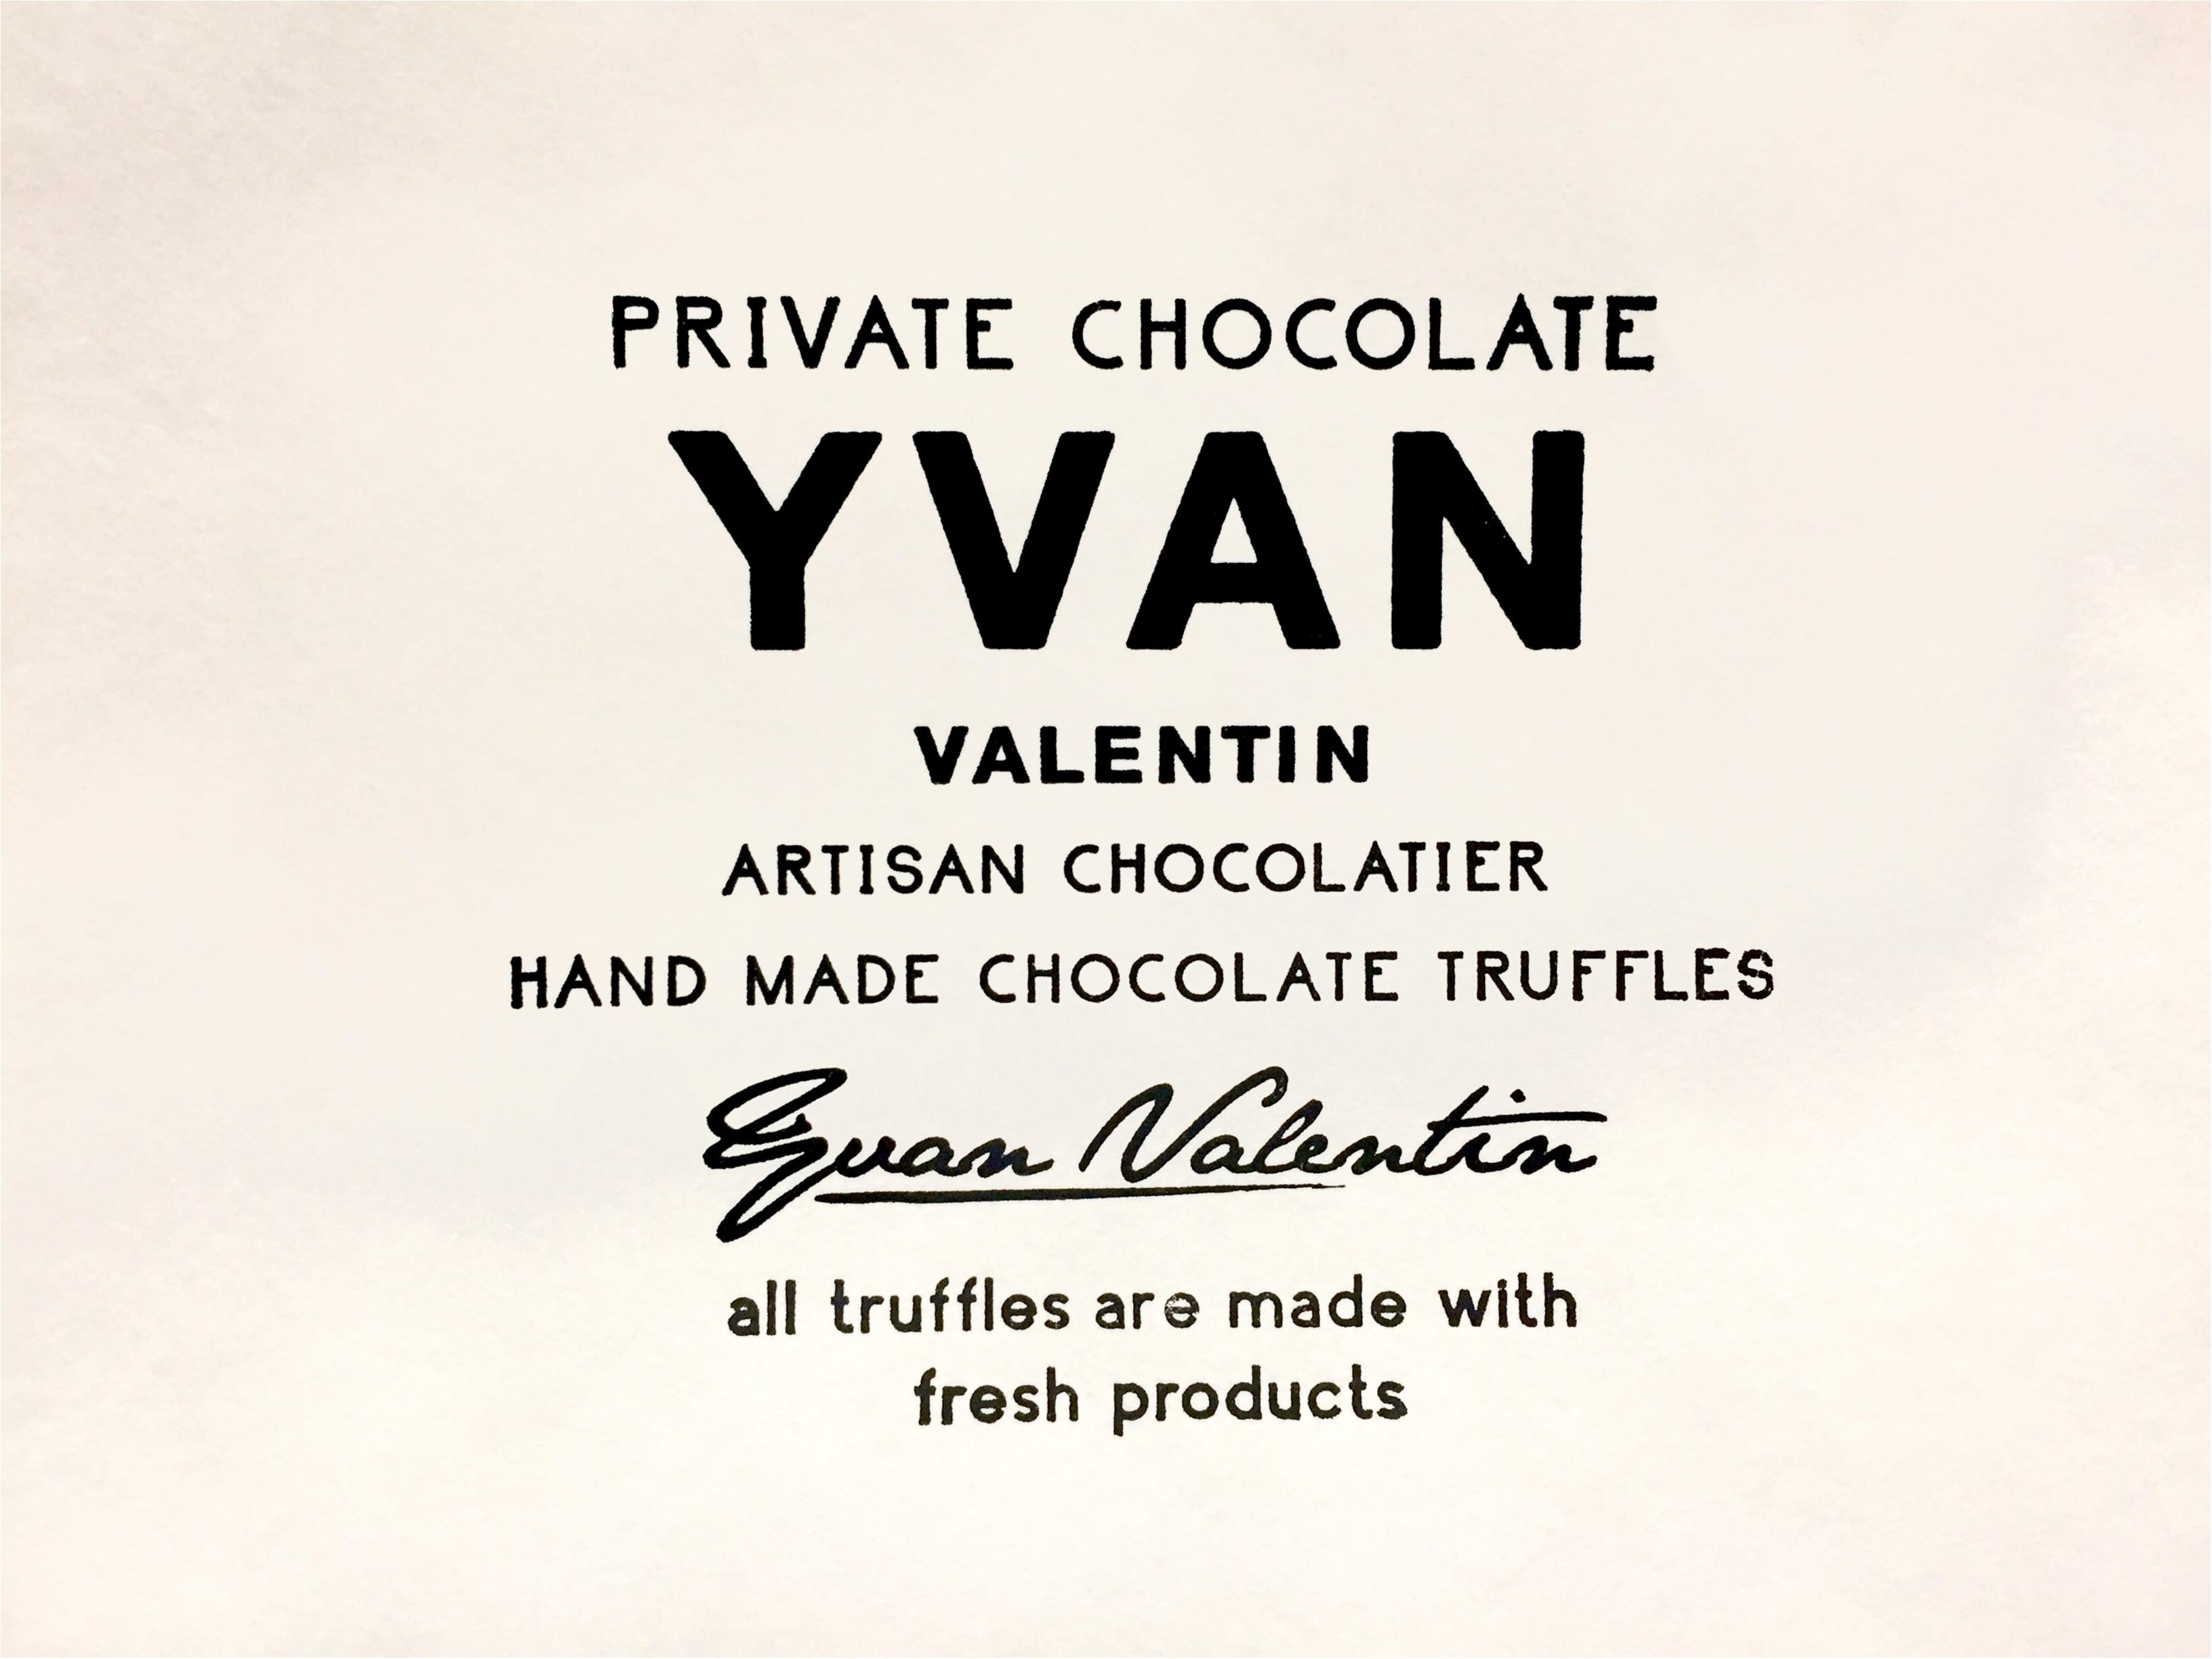 【FOOD】今年の本命チョコはこれ!知る人ぞ知る、幻のチョコレート♥︎「YVAN」_1